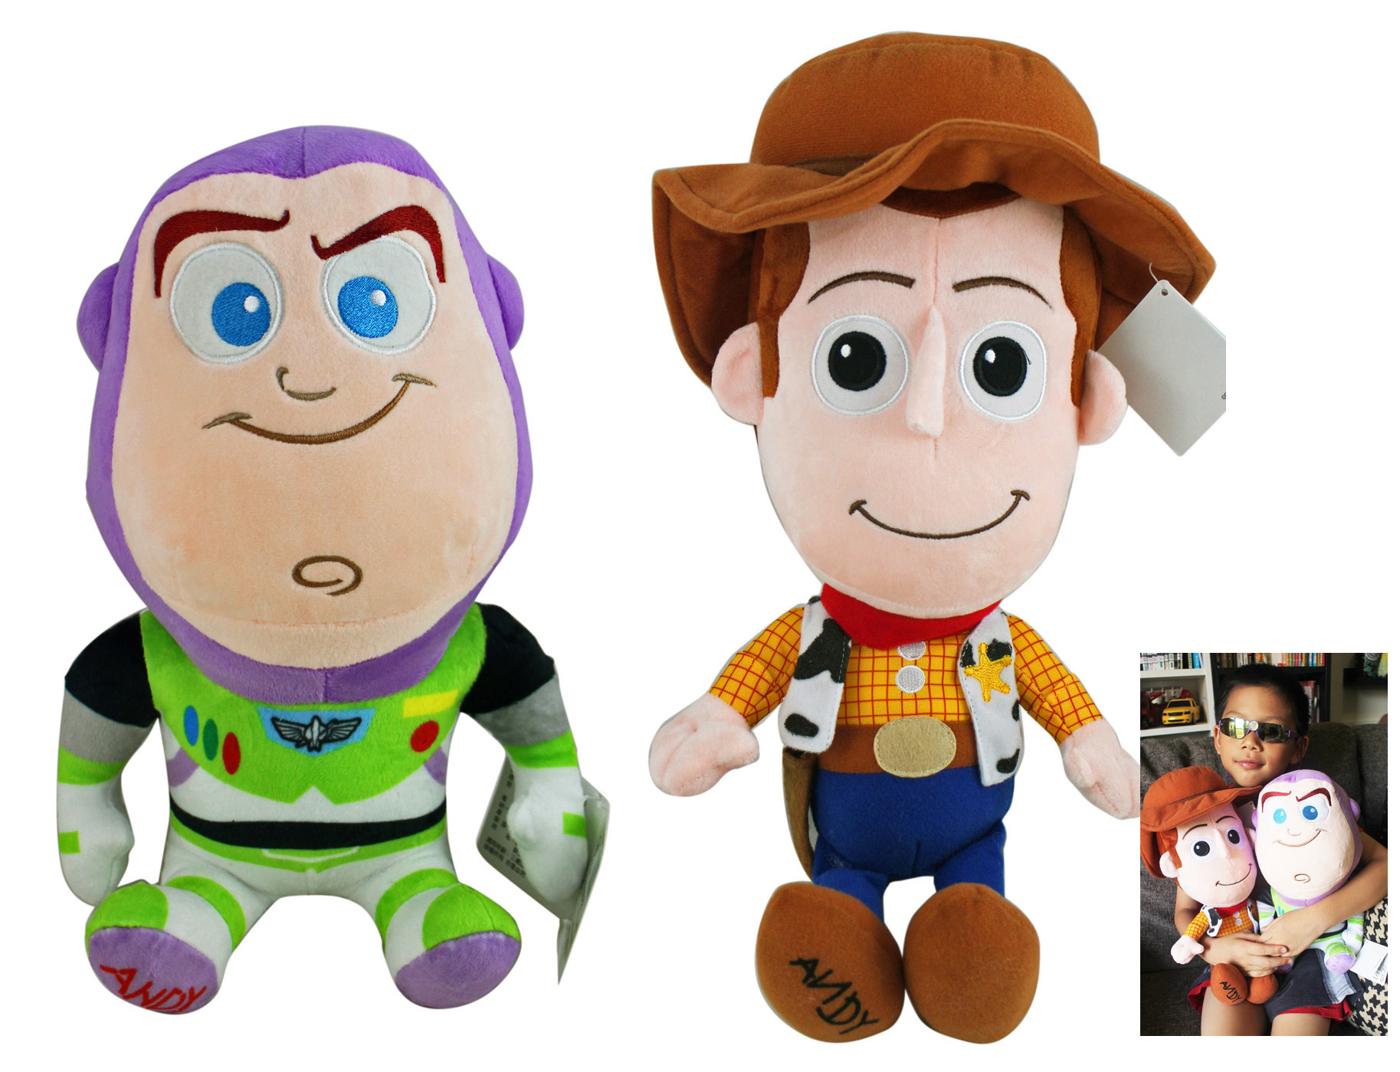 【卡漫城】 絨毛 玩偶 30cm 二選一 ㊣版 巴斯光年 胡迪 woody Buzz 娃娃 布偶 玩具總動員 裝飾 擺飾